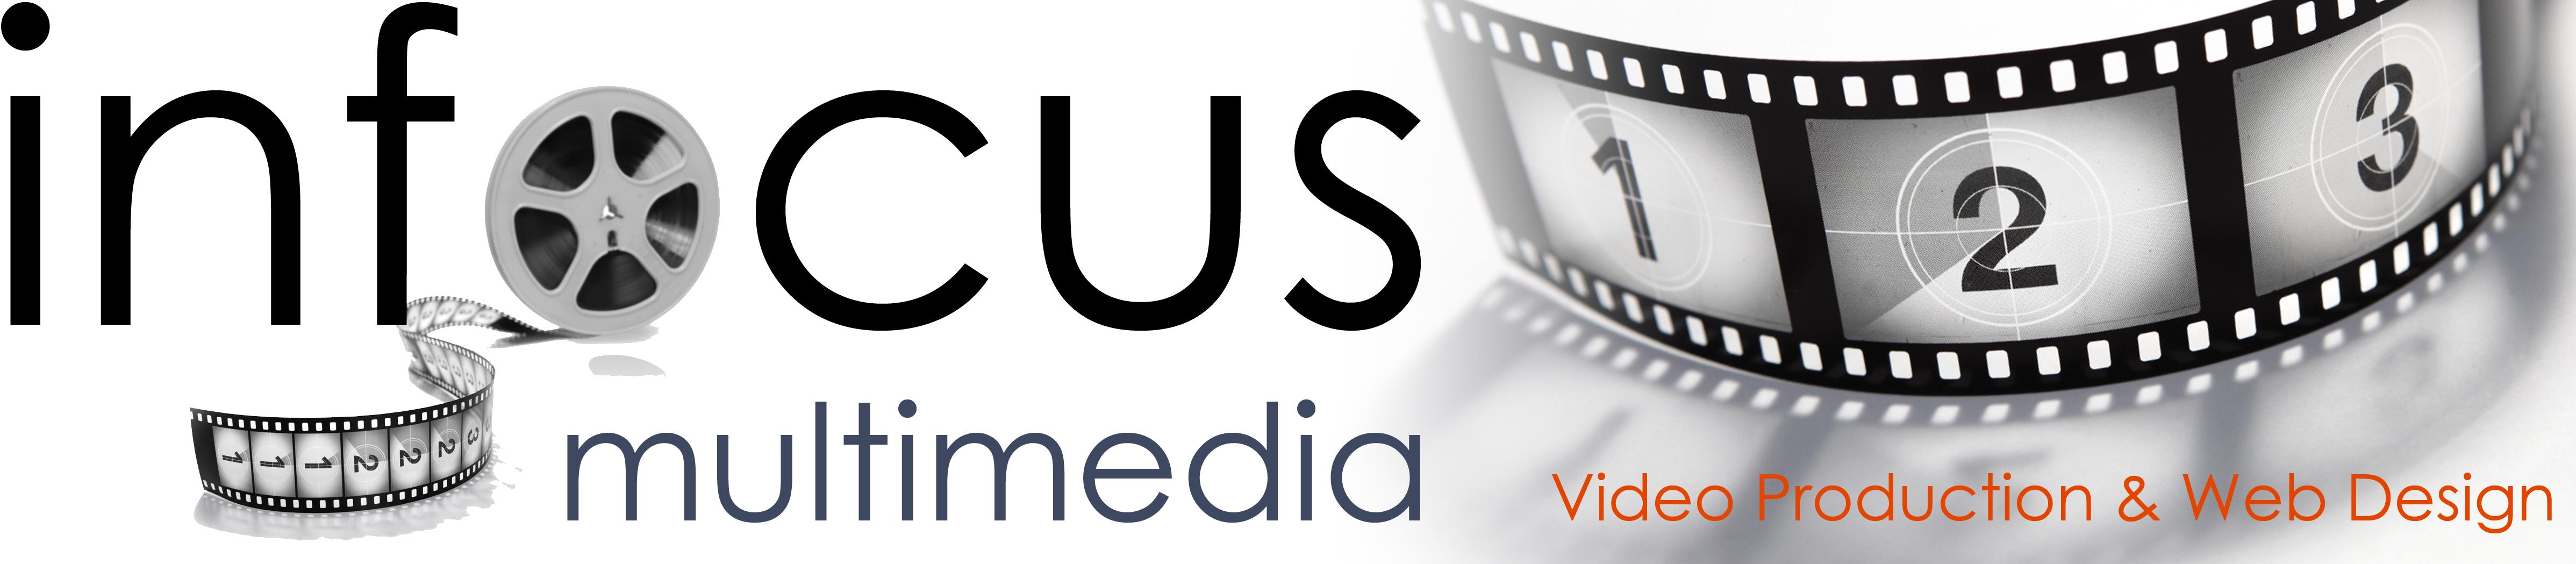 Infocus Multimedia Logo